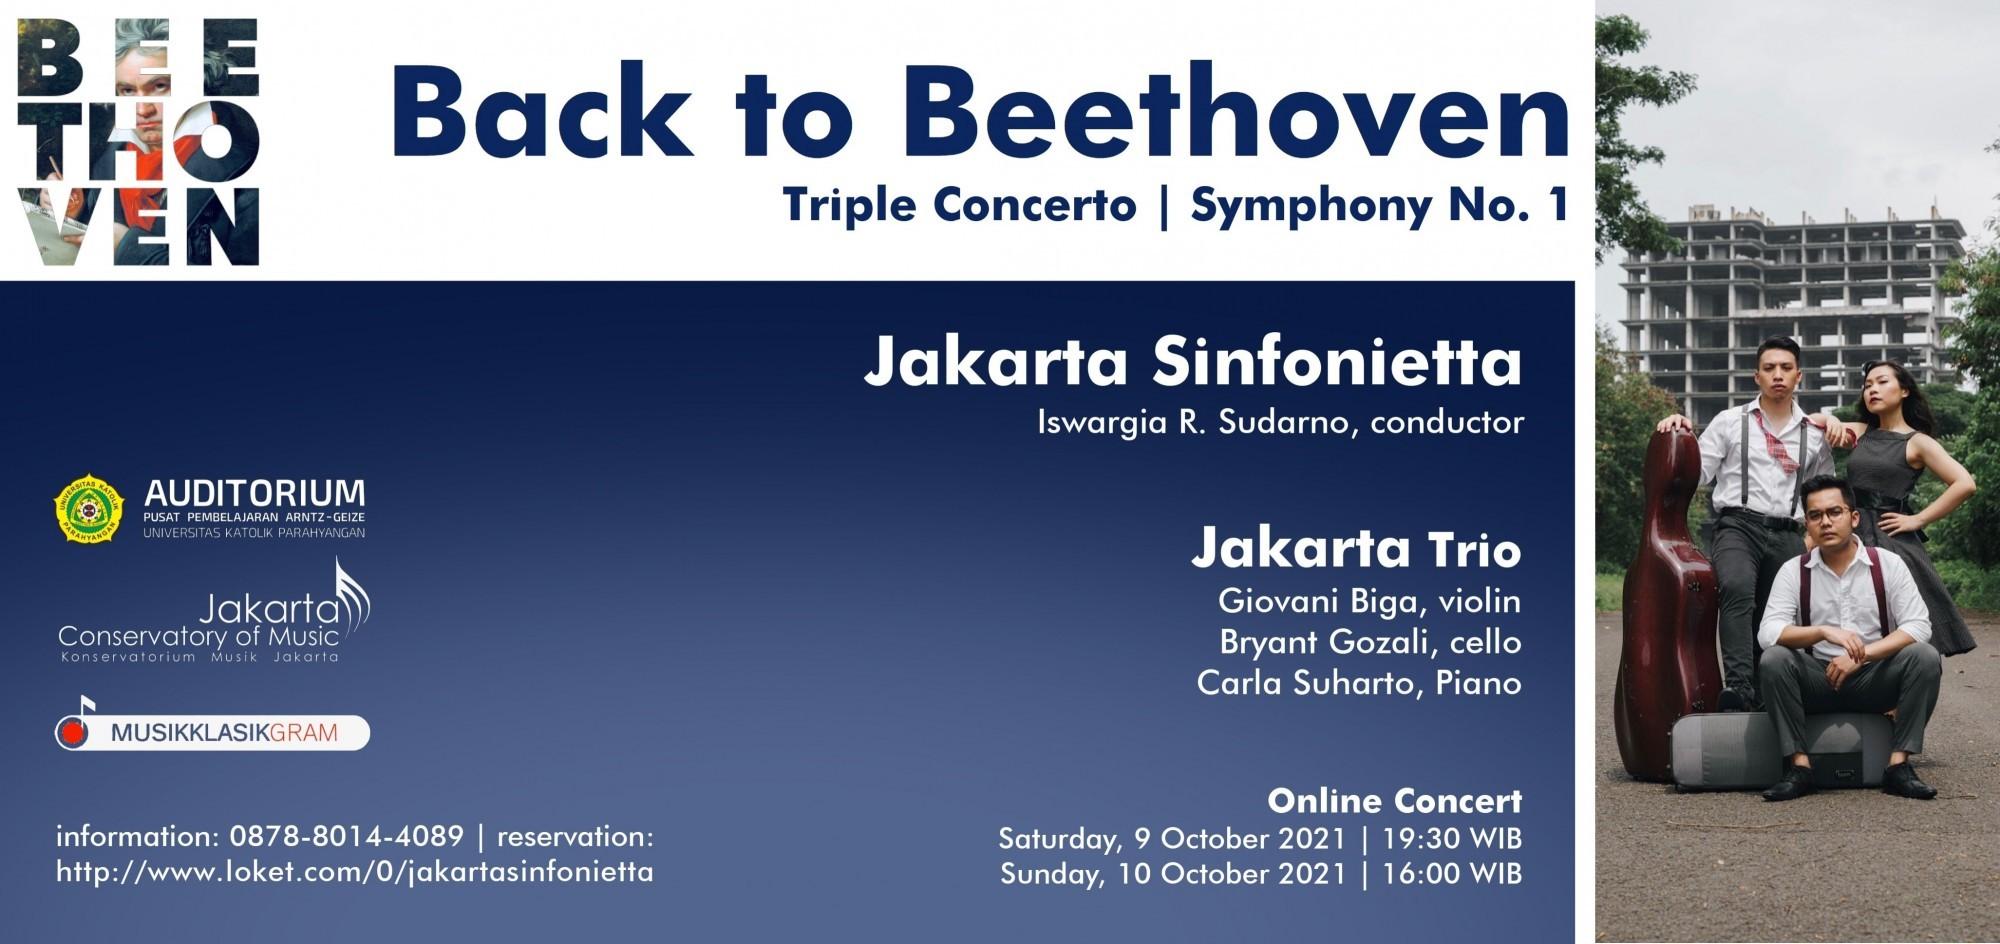 Back To Beethoven  Jakarta Sinfonietta  Jakarta Trio (Sunday 10/10/21)